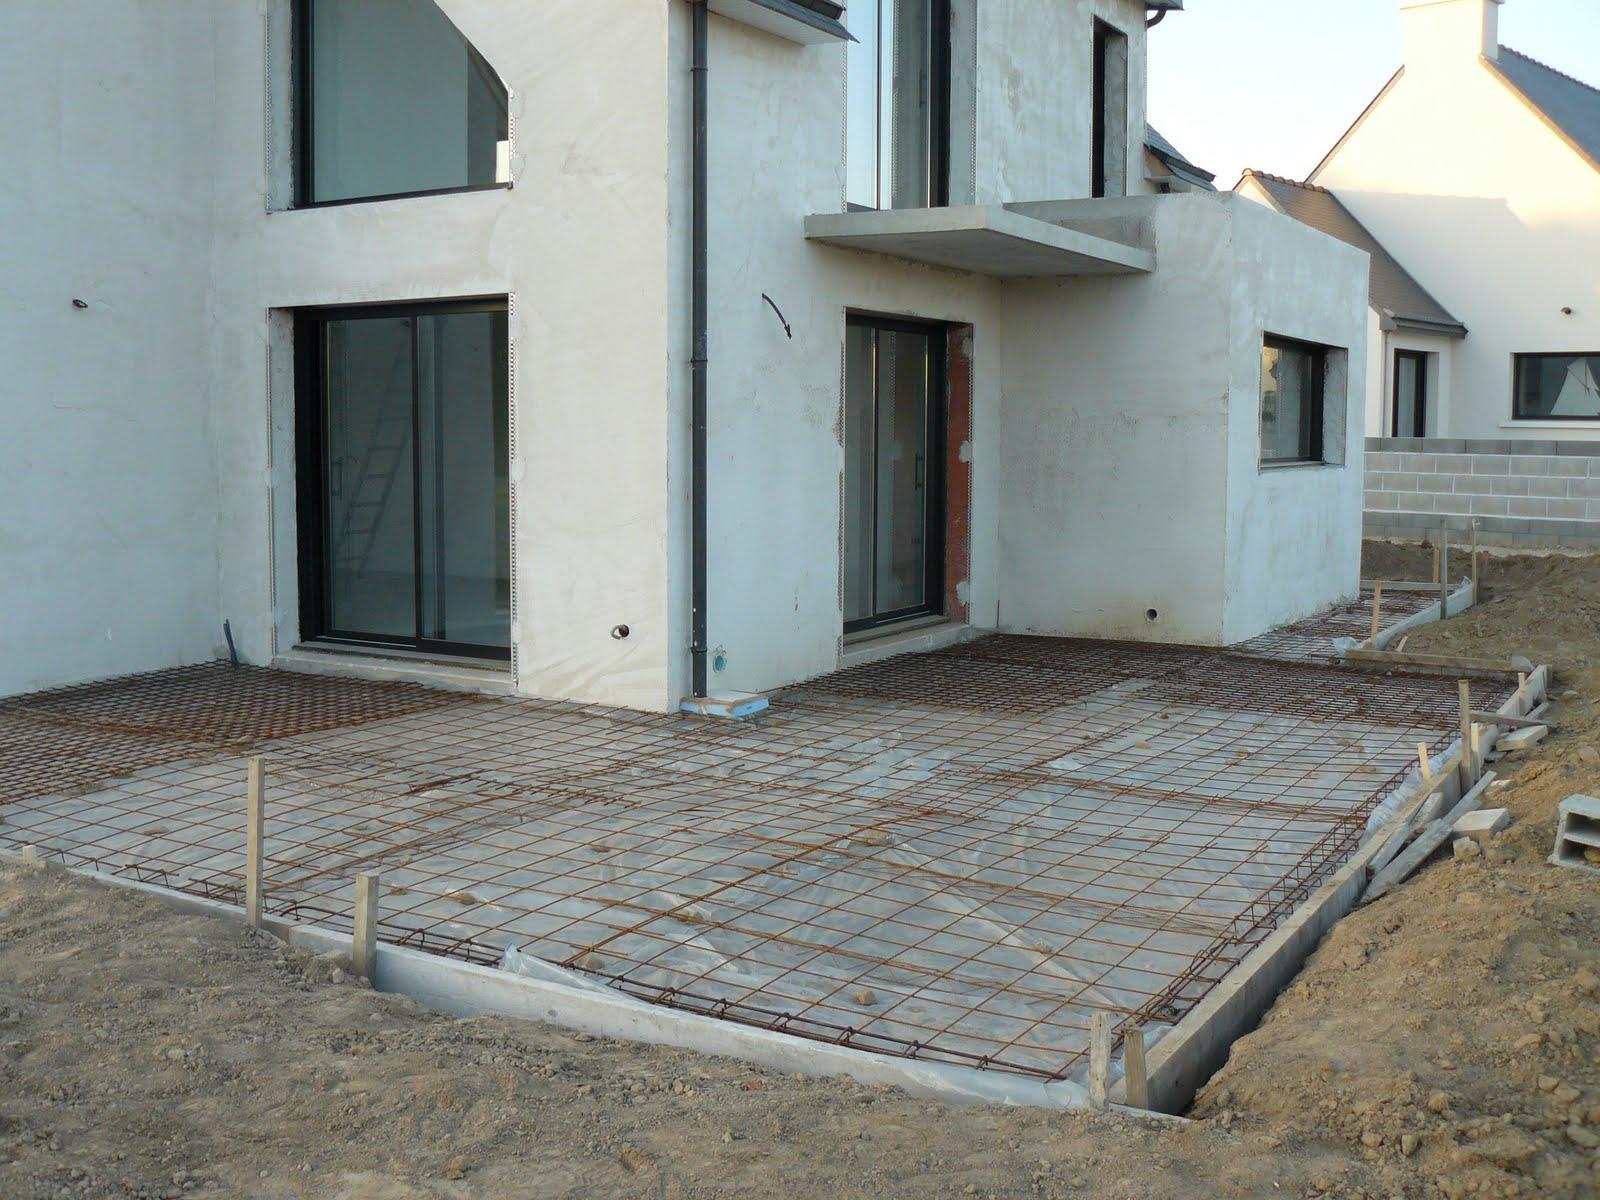 Construction de notre maison ferraillage de la terrasse - Faire une dalle de terrasse ...